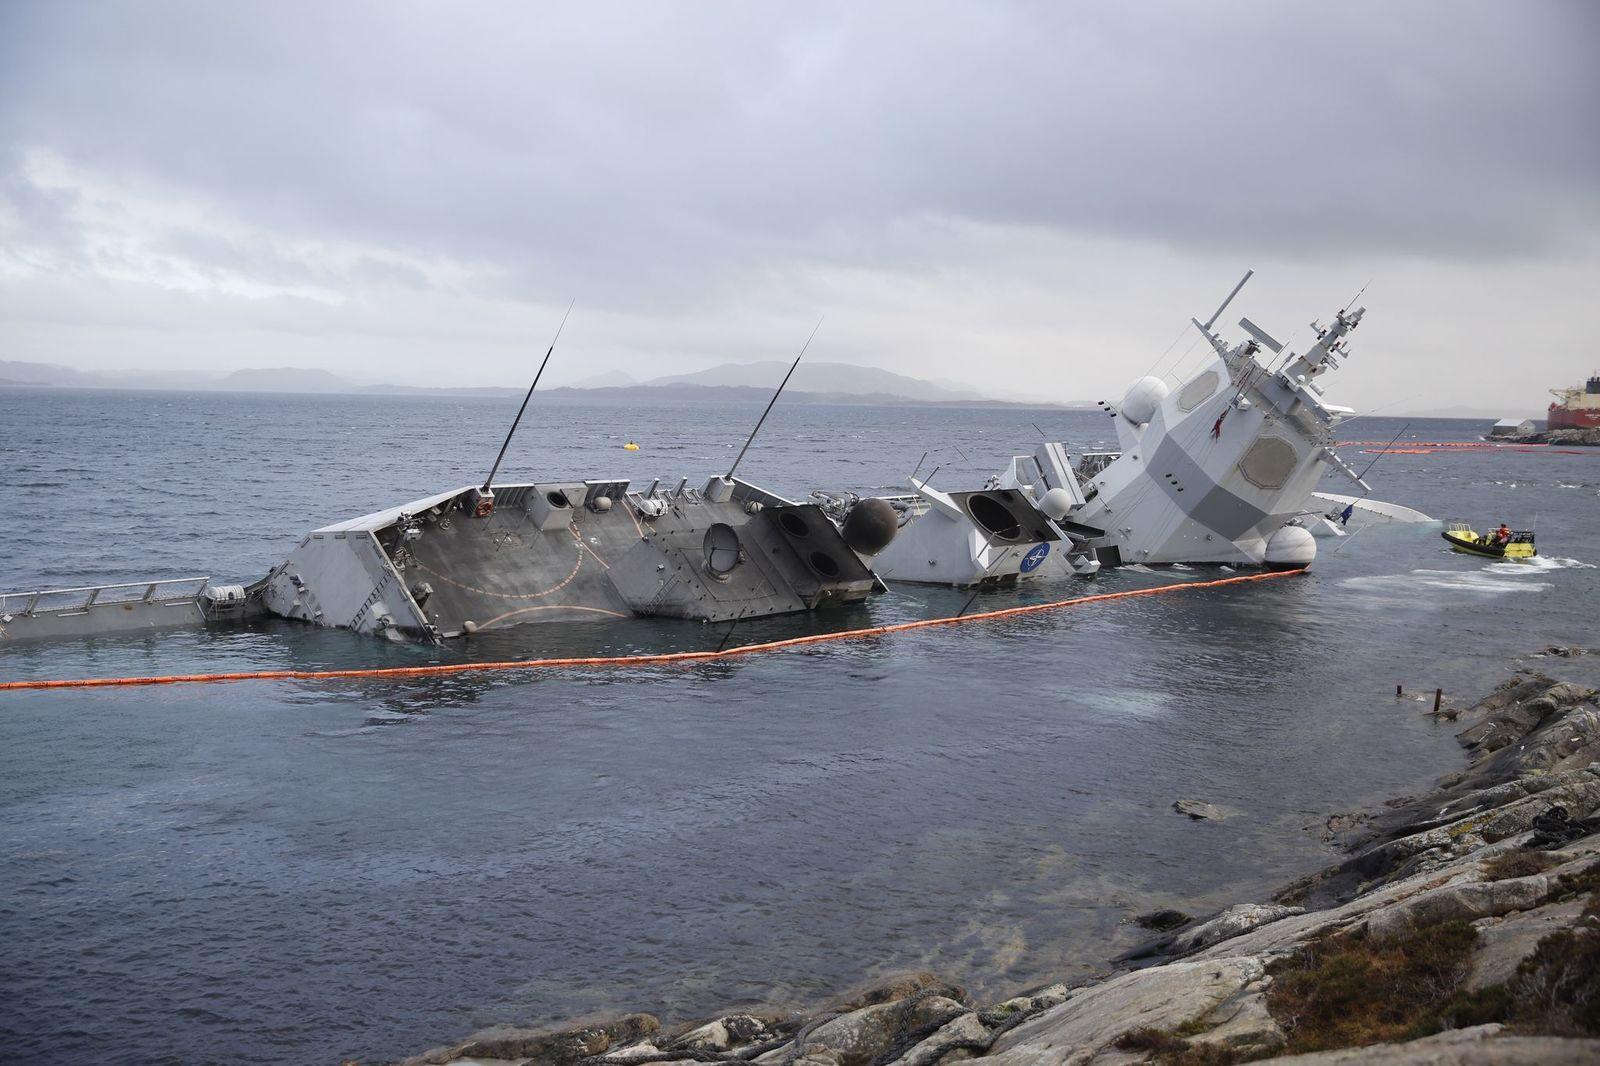 Картинки по запросу Норвегия корвет утонул